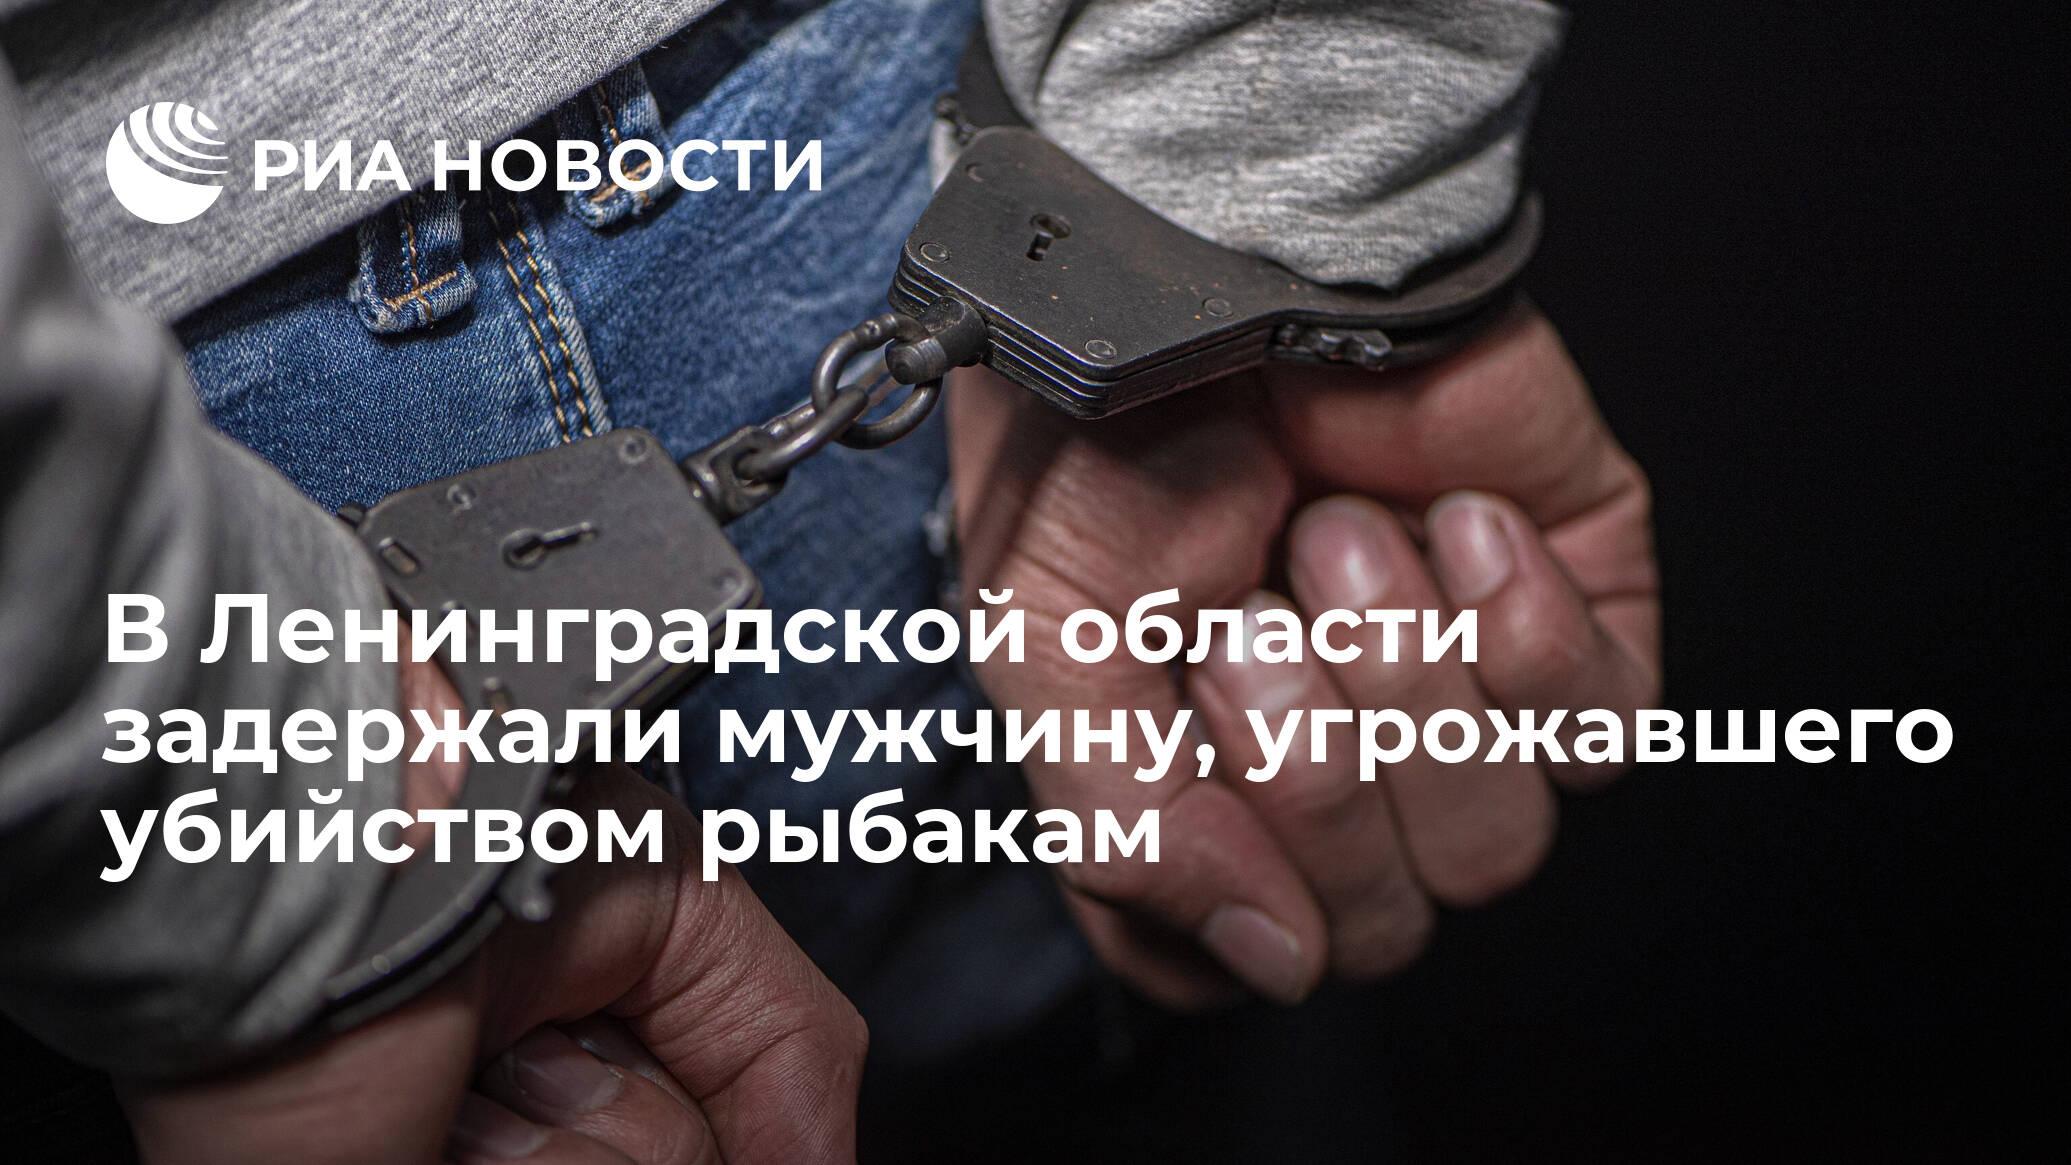 В Ленинградской области задержали мужчину, угрожавшего убийством рыбакам